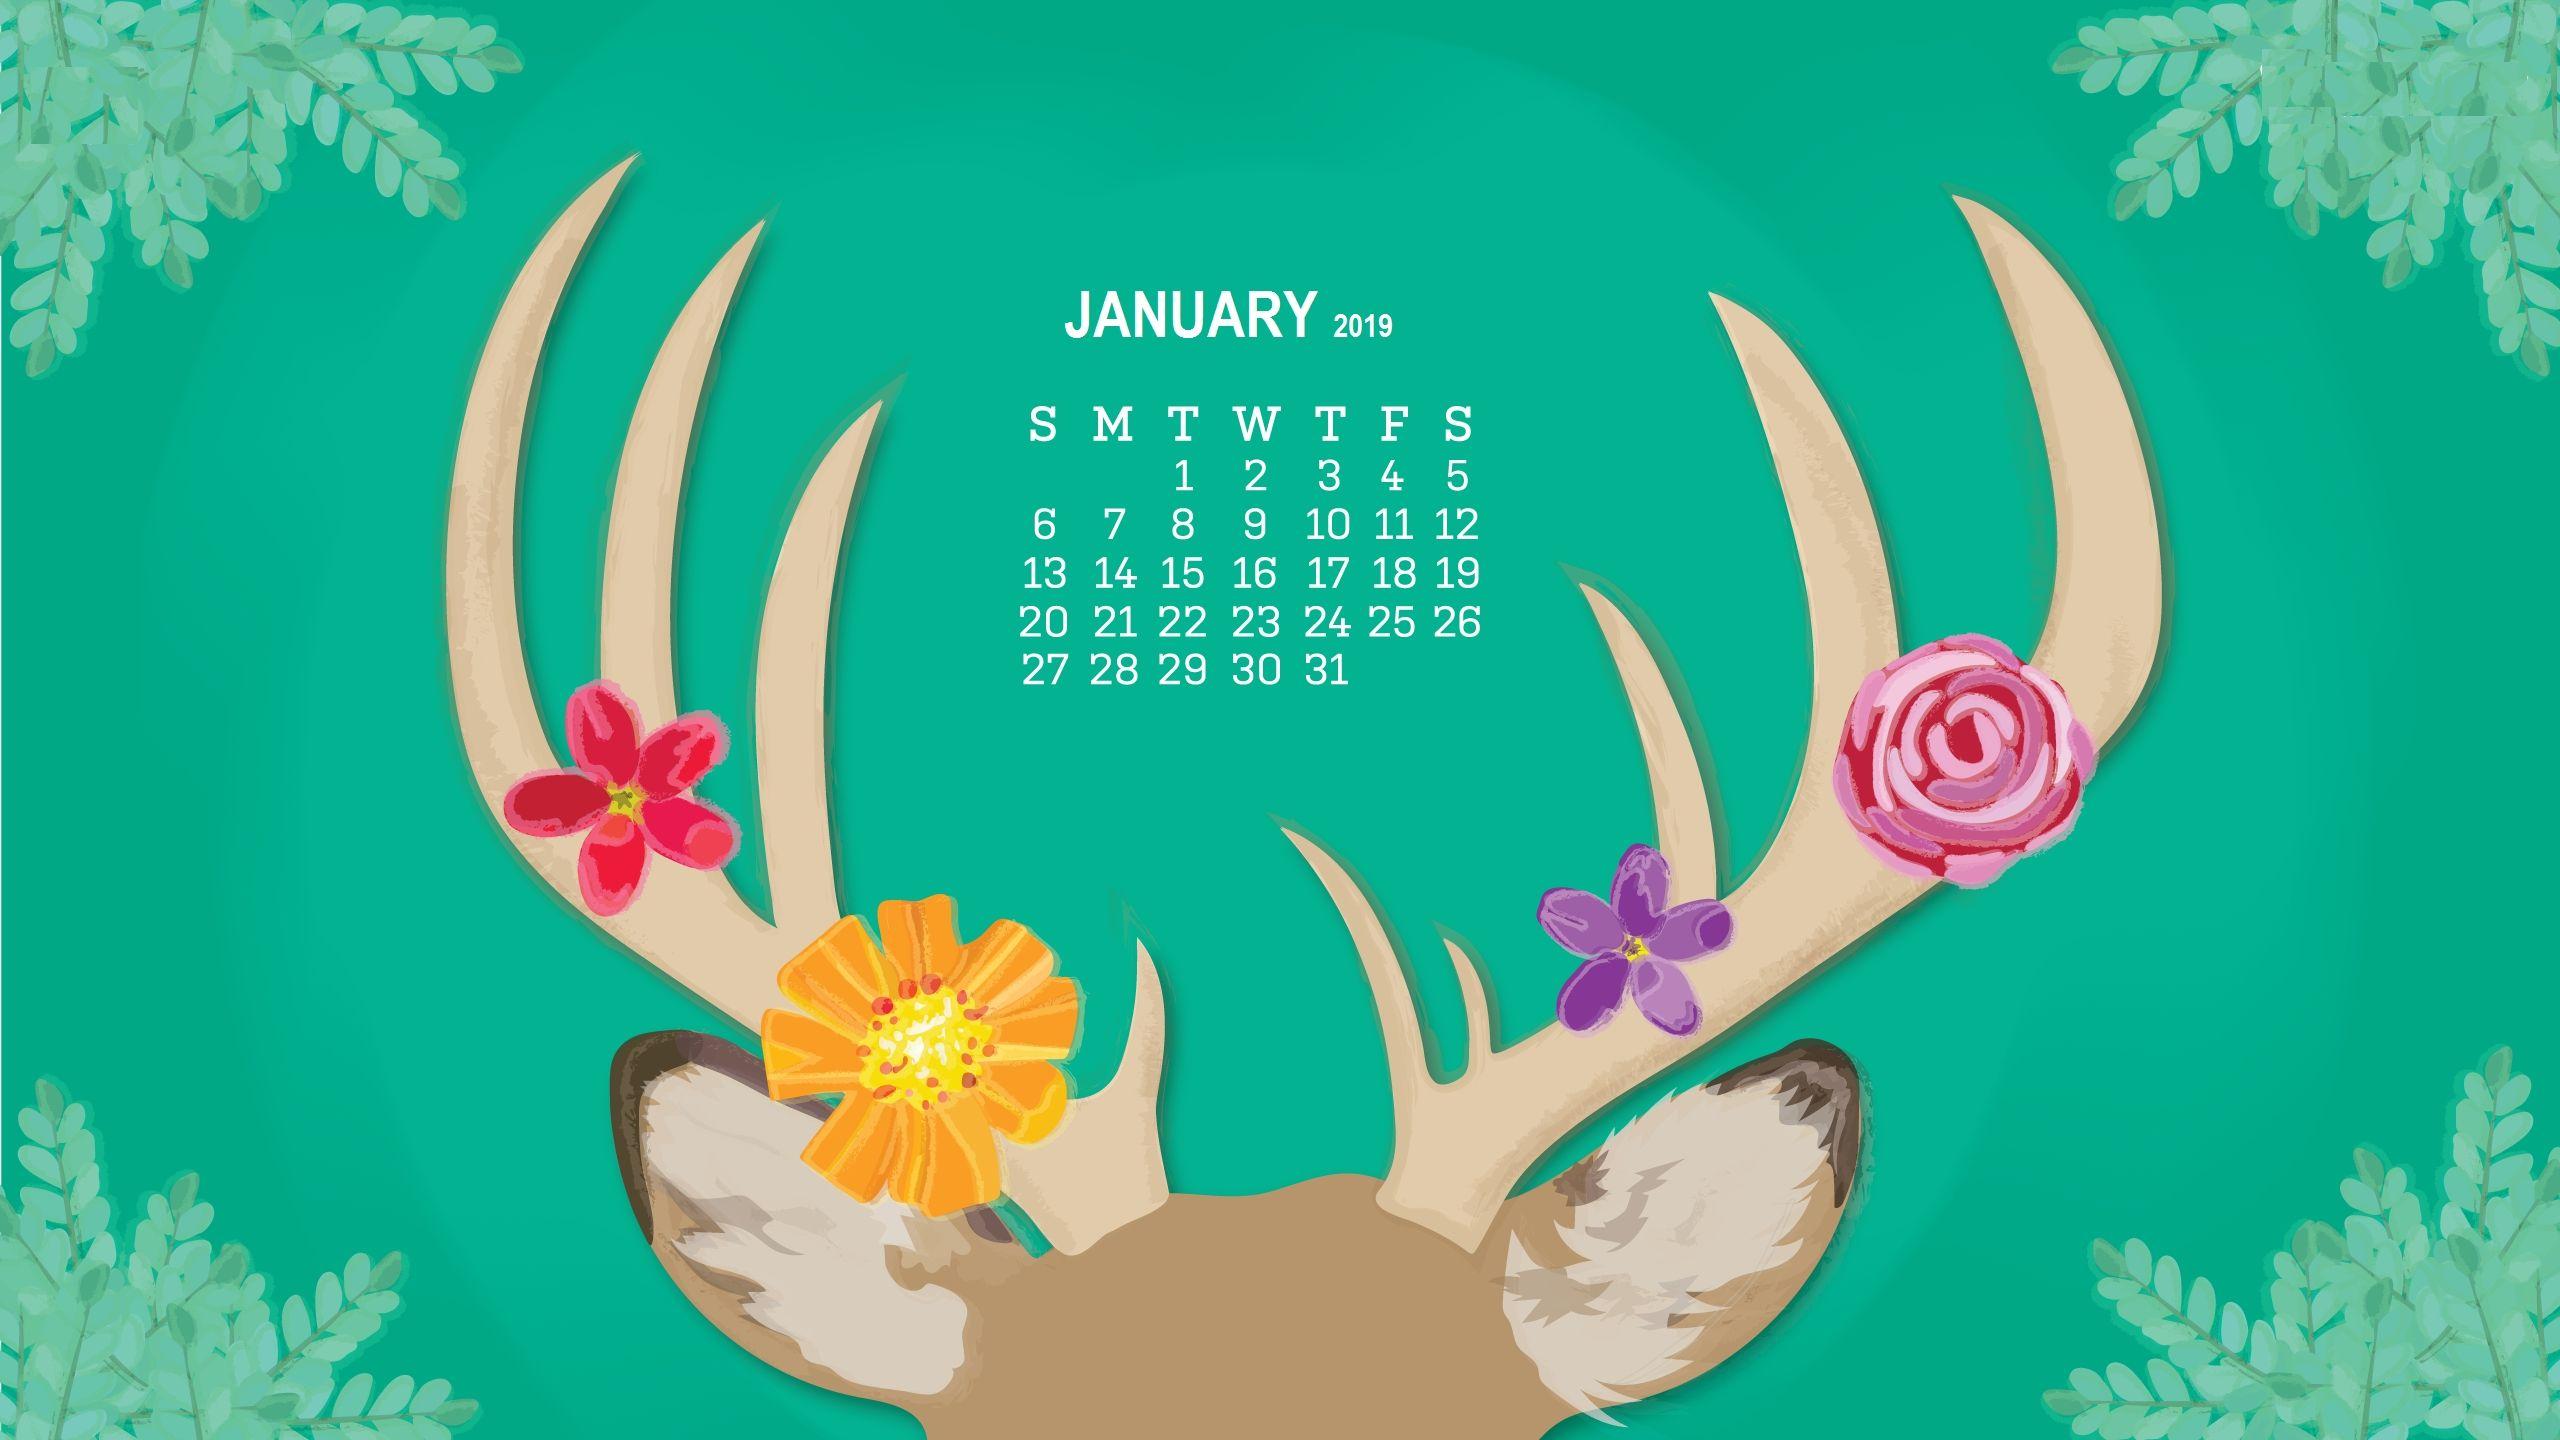 monthly desktop calendar 2019 wallpapers calendar 2019january 2019 2560x1440